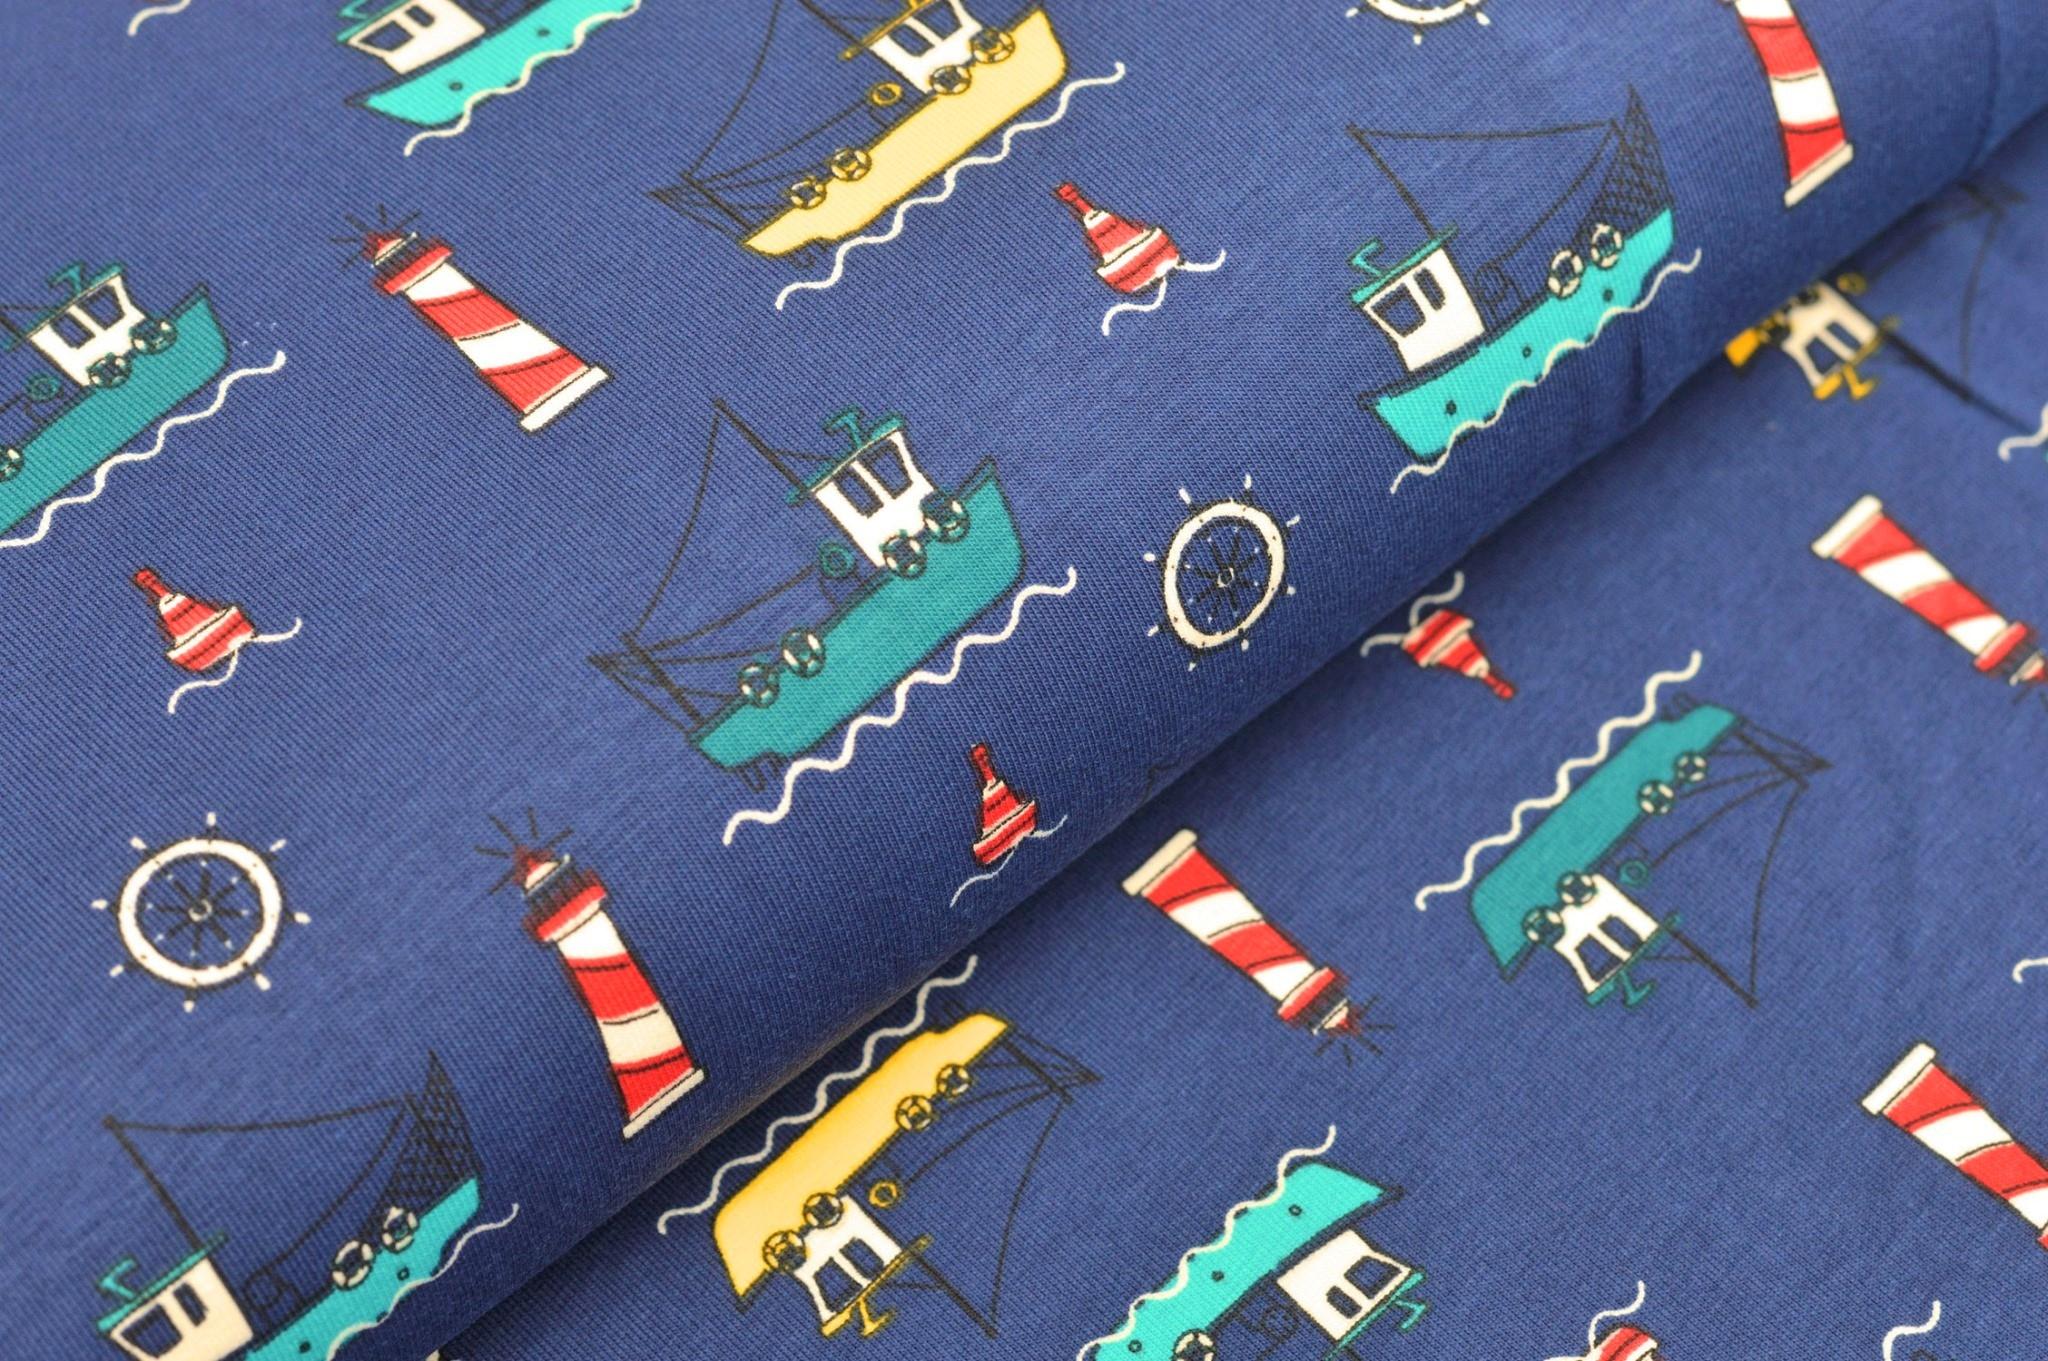 Baumwolljersey dunkelblau mit Leuchttürmen und Schiffen